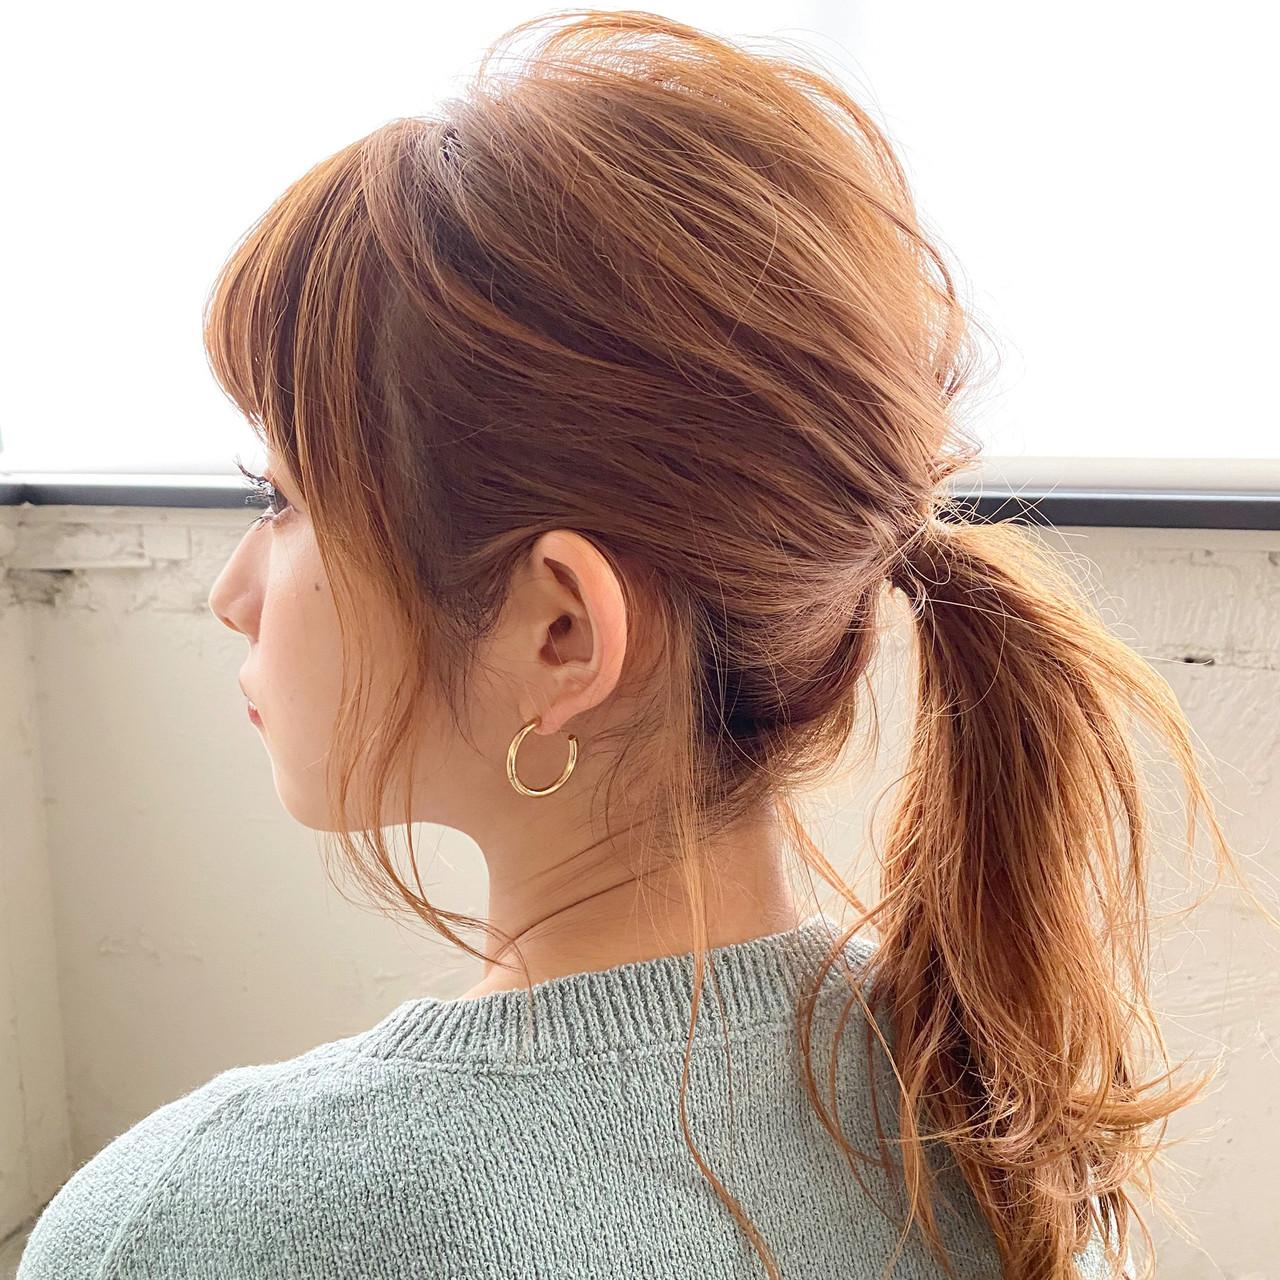 ミディアム 毛先パーマ 簡単ヘアアレンジ ポニーテール ヘアスタイルや髪型の写真・画像